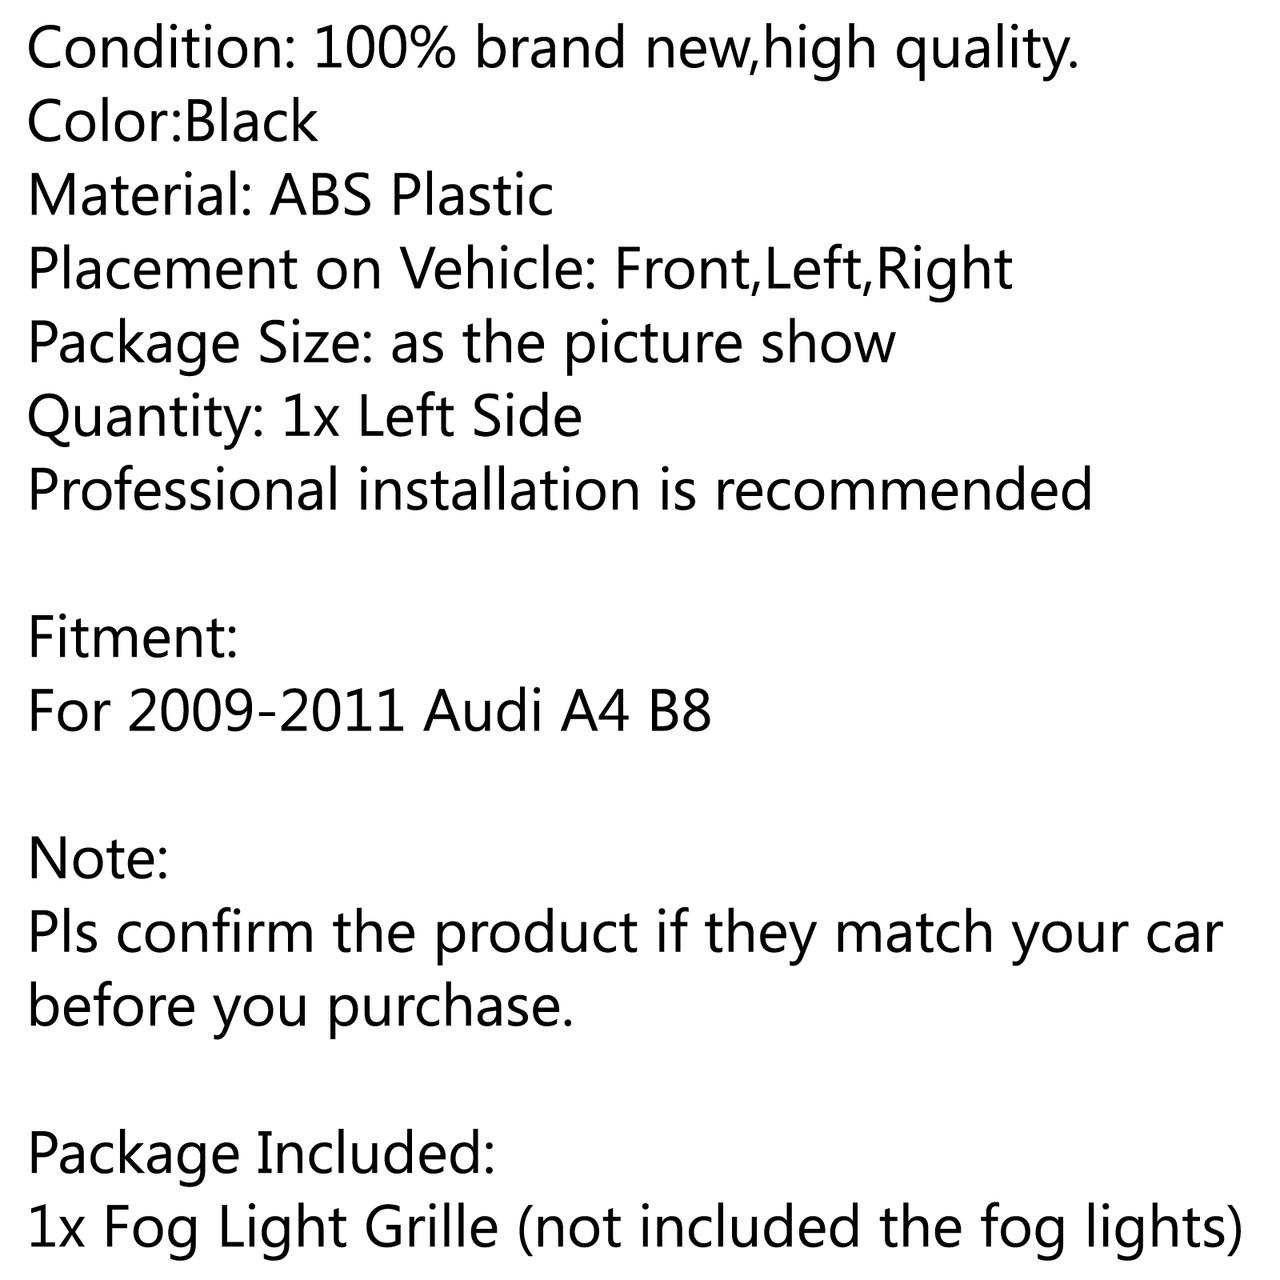 Bumper Grills Left Fog Light Grilles Cover for Audi A4 B8 (2009-2011) Black